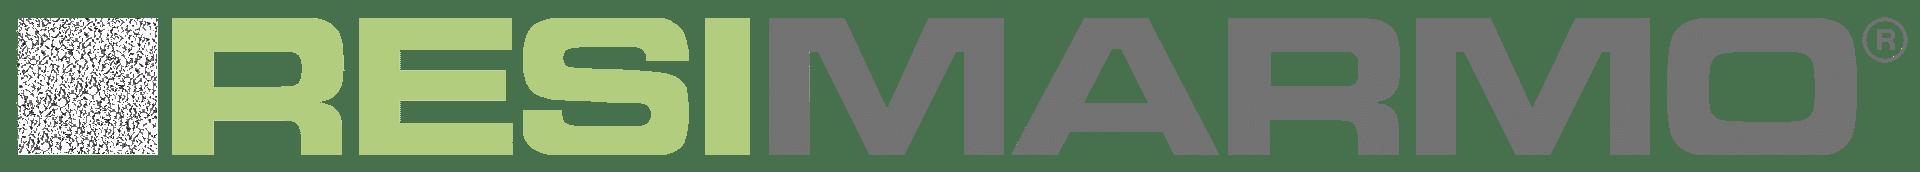 GRANULAT DE MARBRE - POUR PARTICULIERS ET PROFESSIONNELS